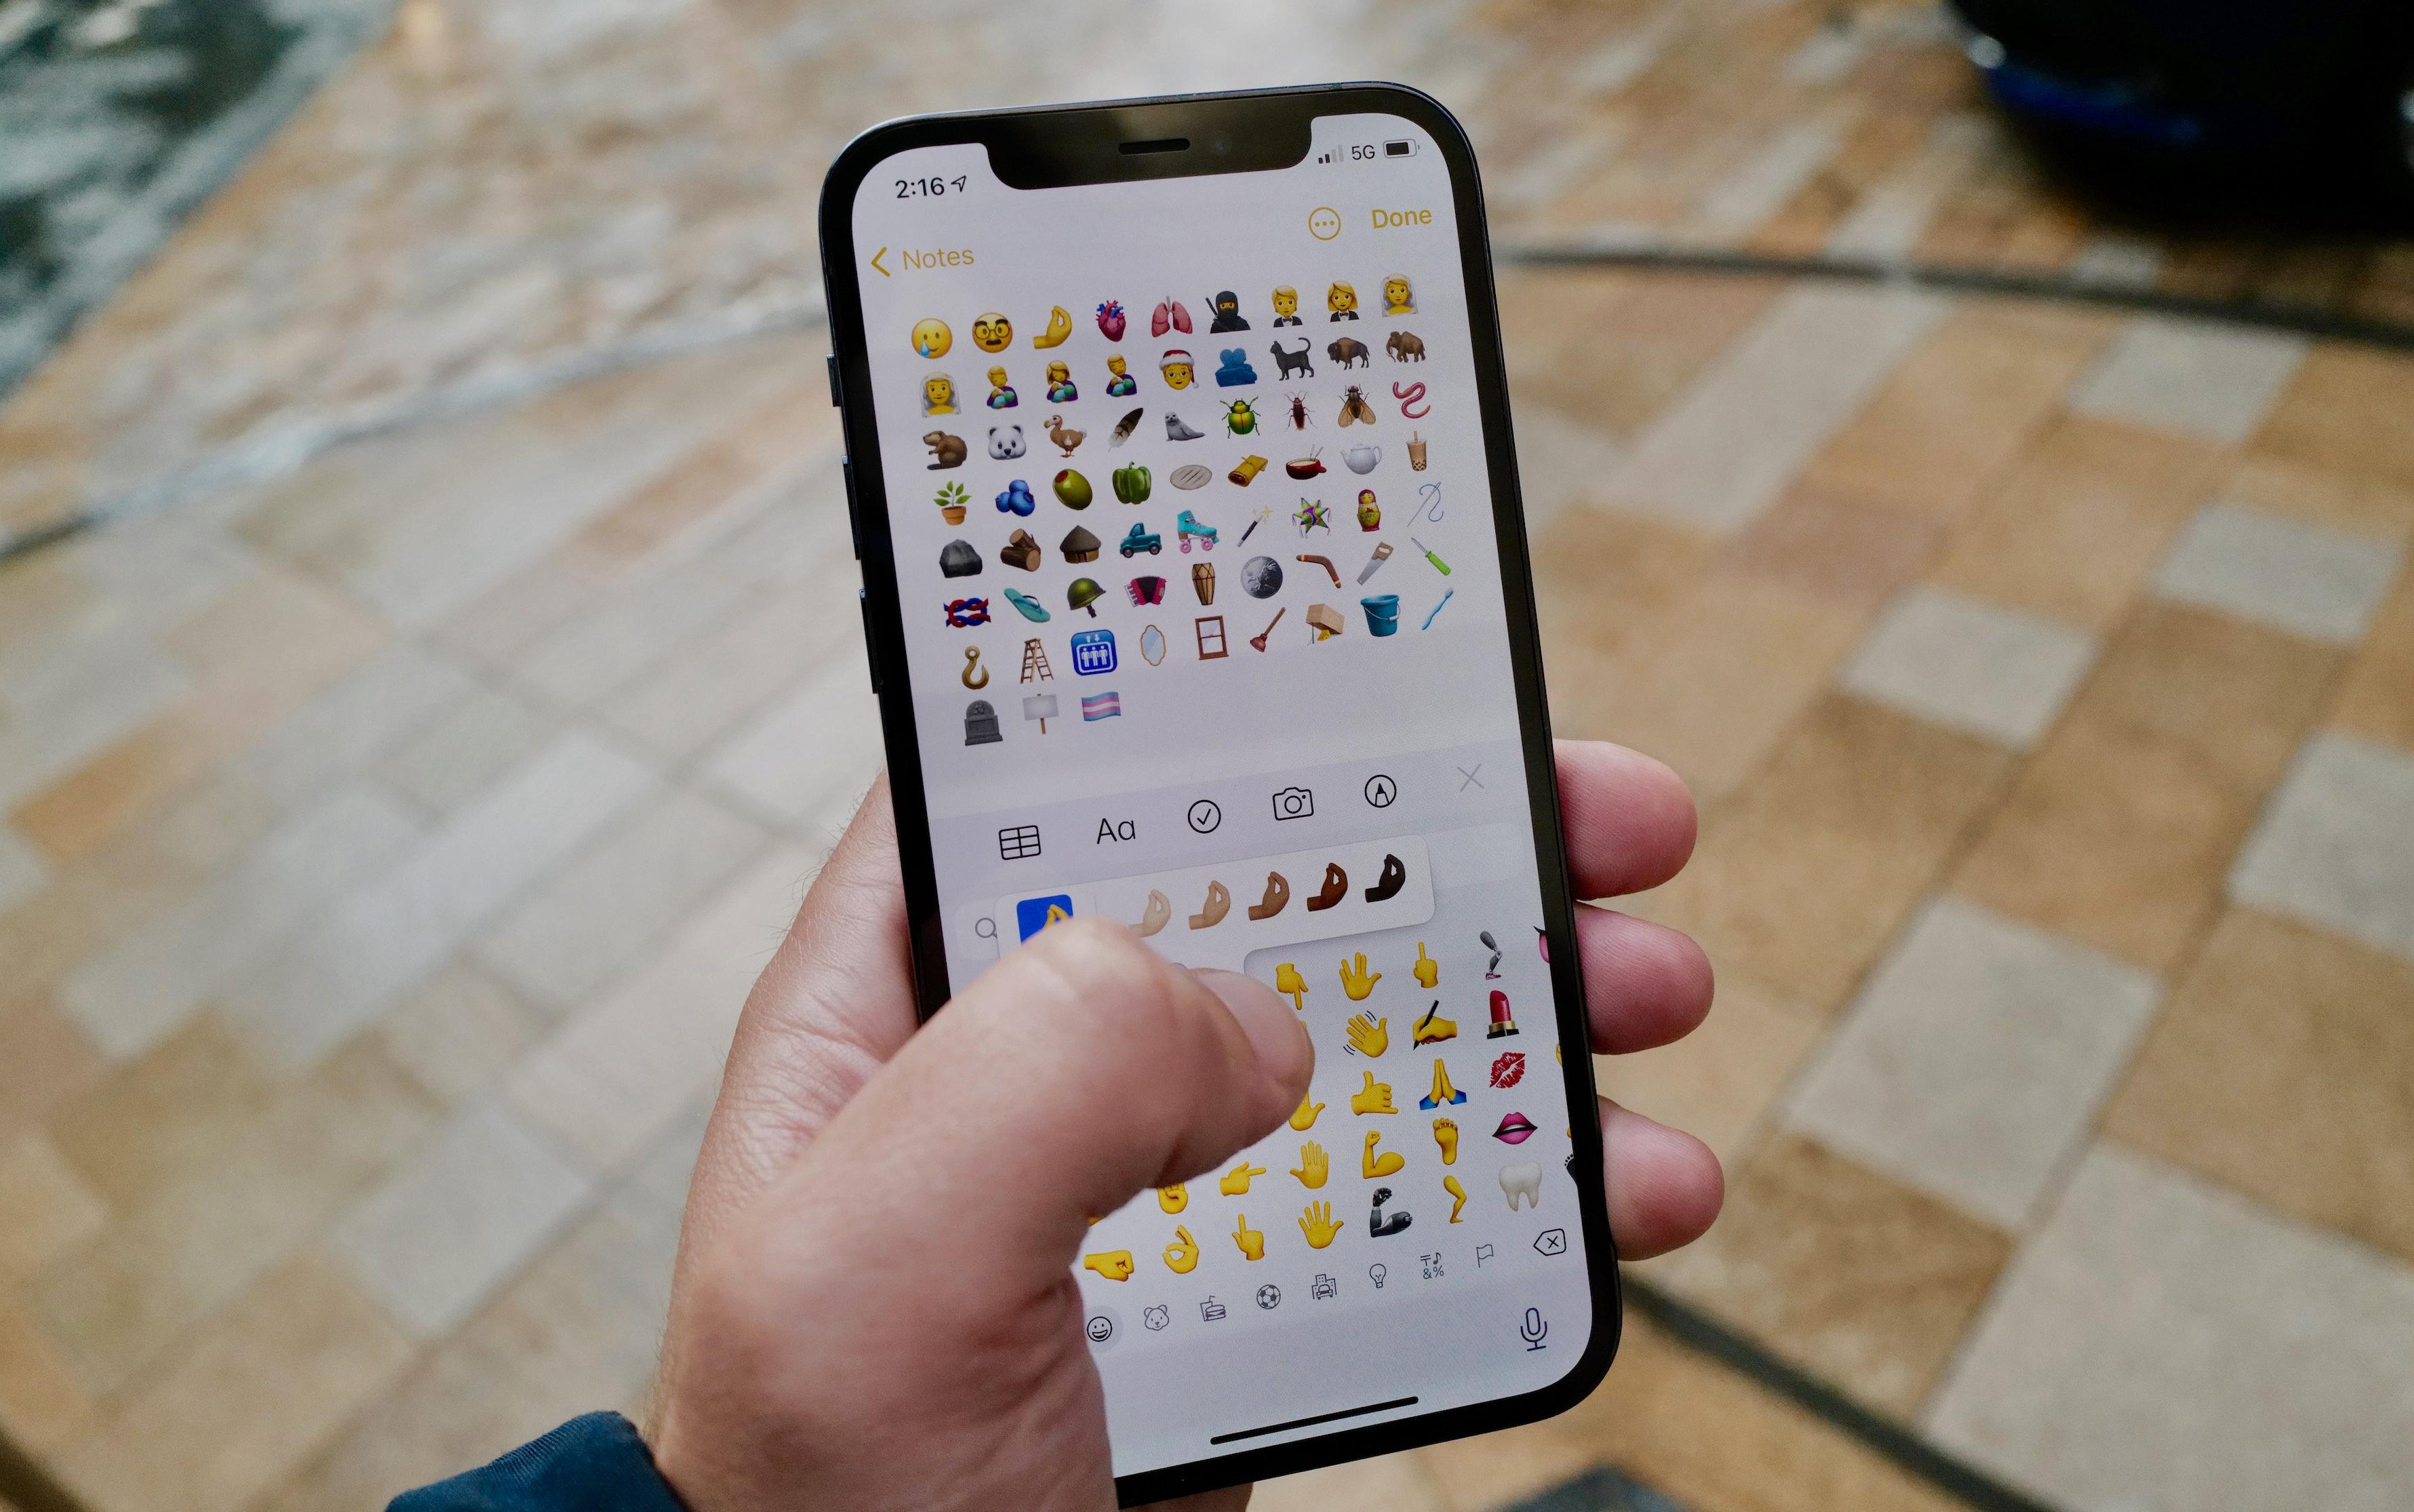 Llegan 117 nuevos emojis cortesía de Apple